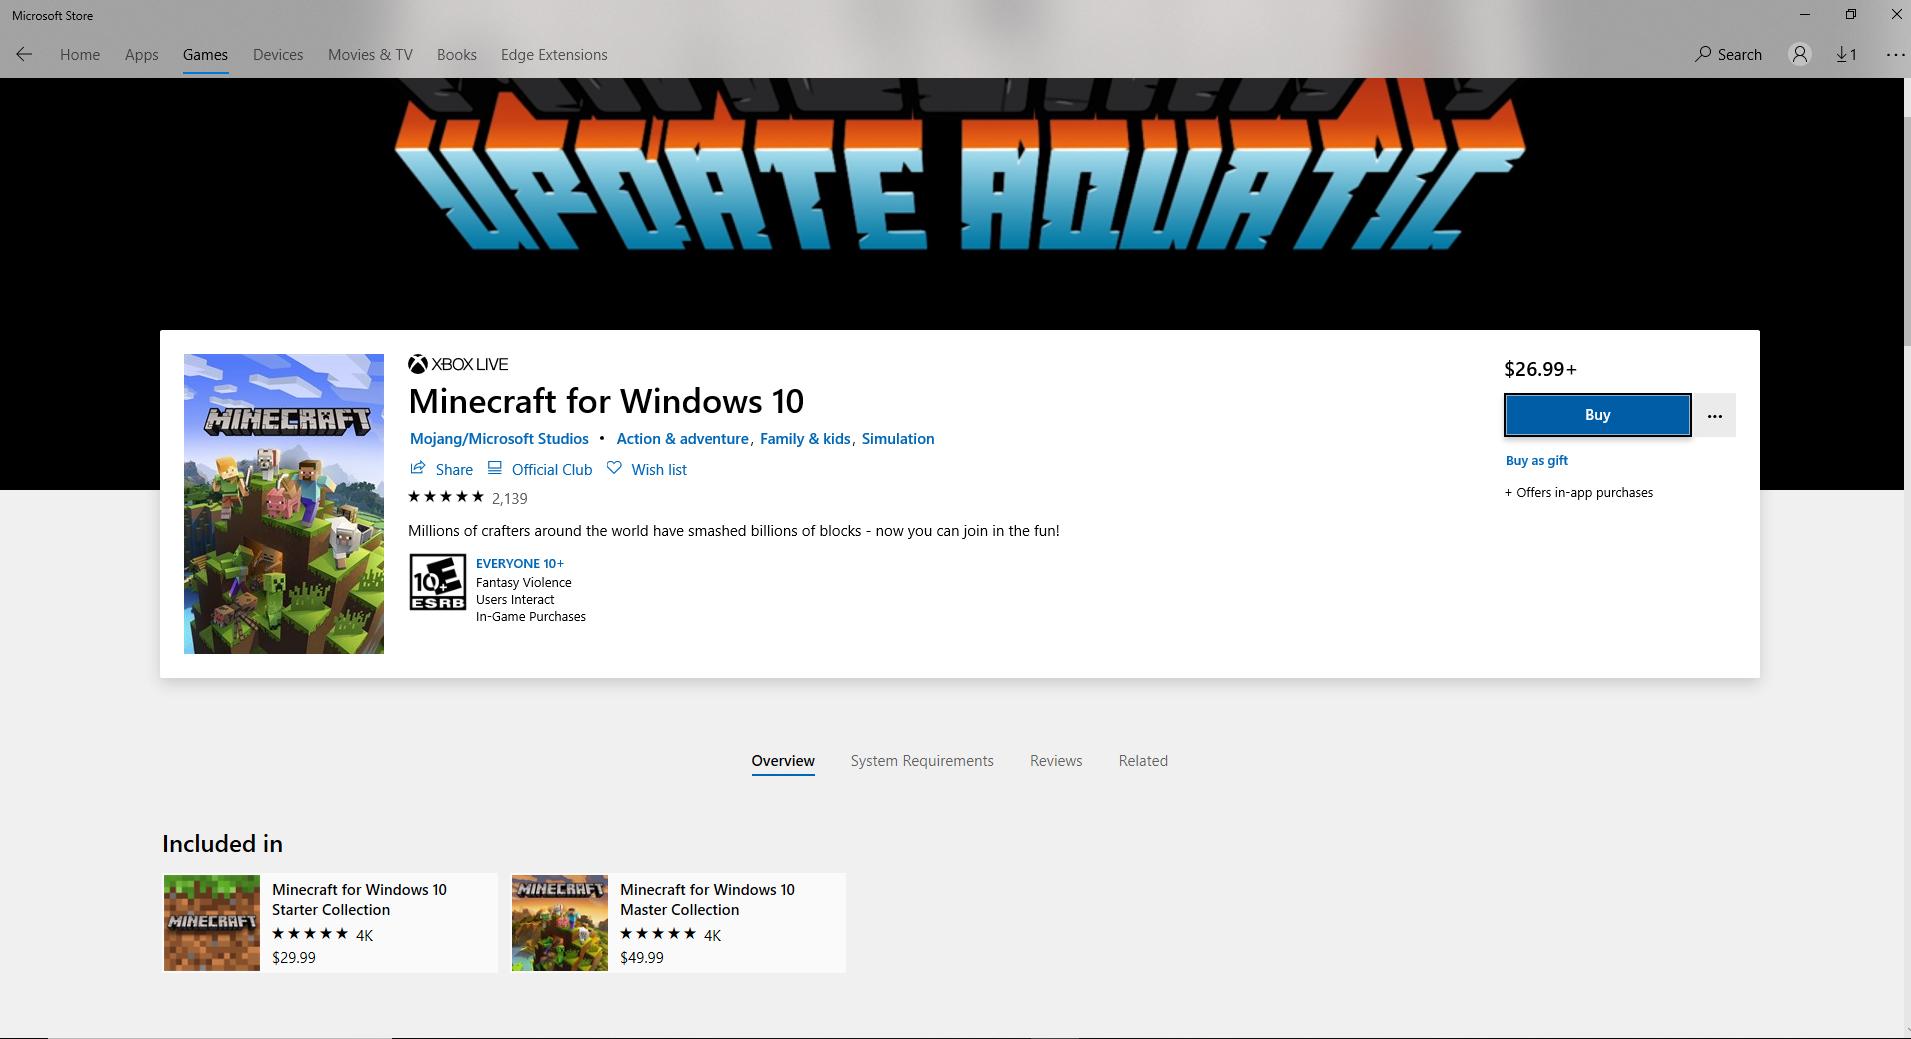 Minecraft for Windows 10 won't download 447b01e5-6249-4037-b67c-281b9b3f58d1?upload=true.jpg